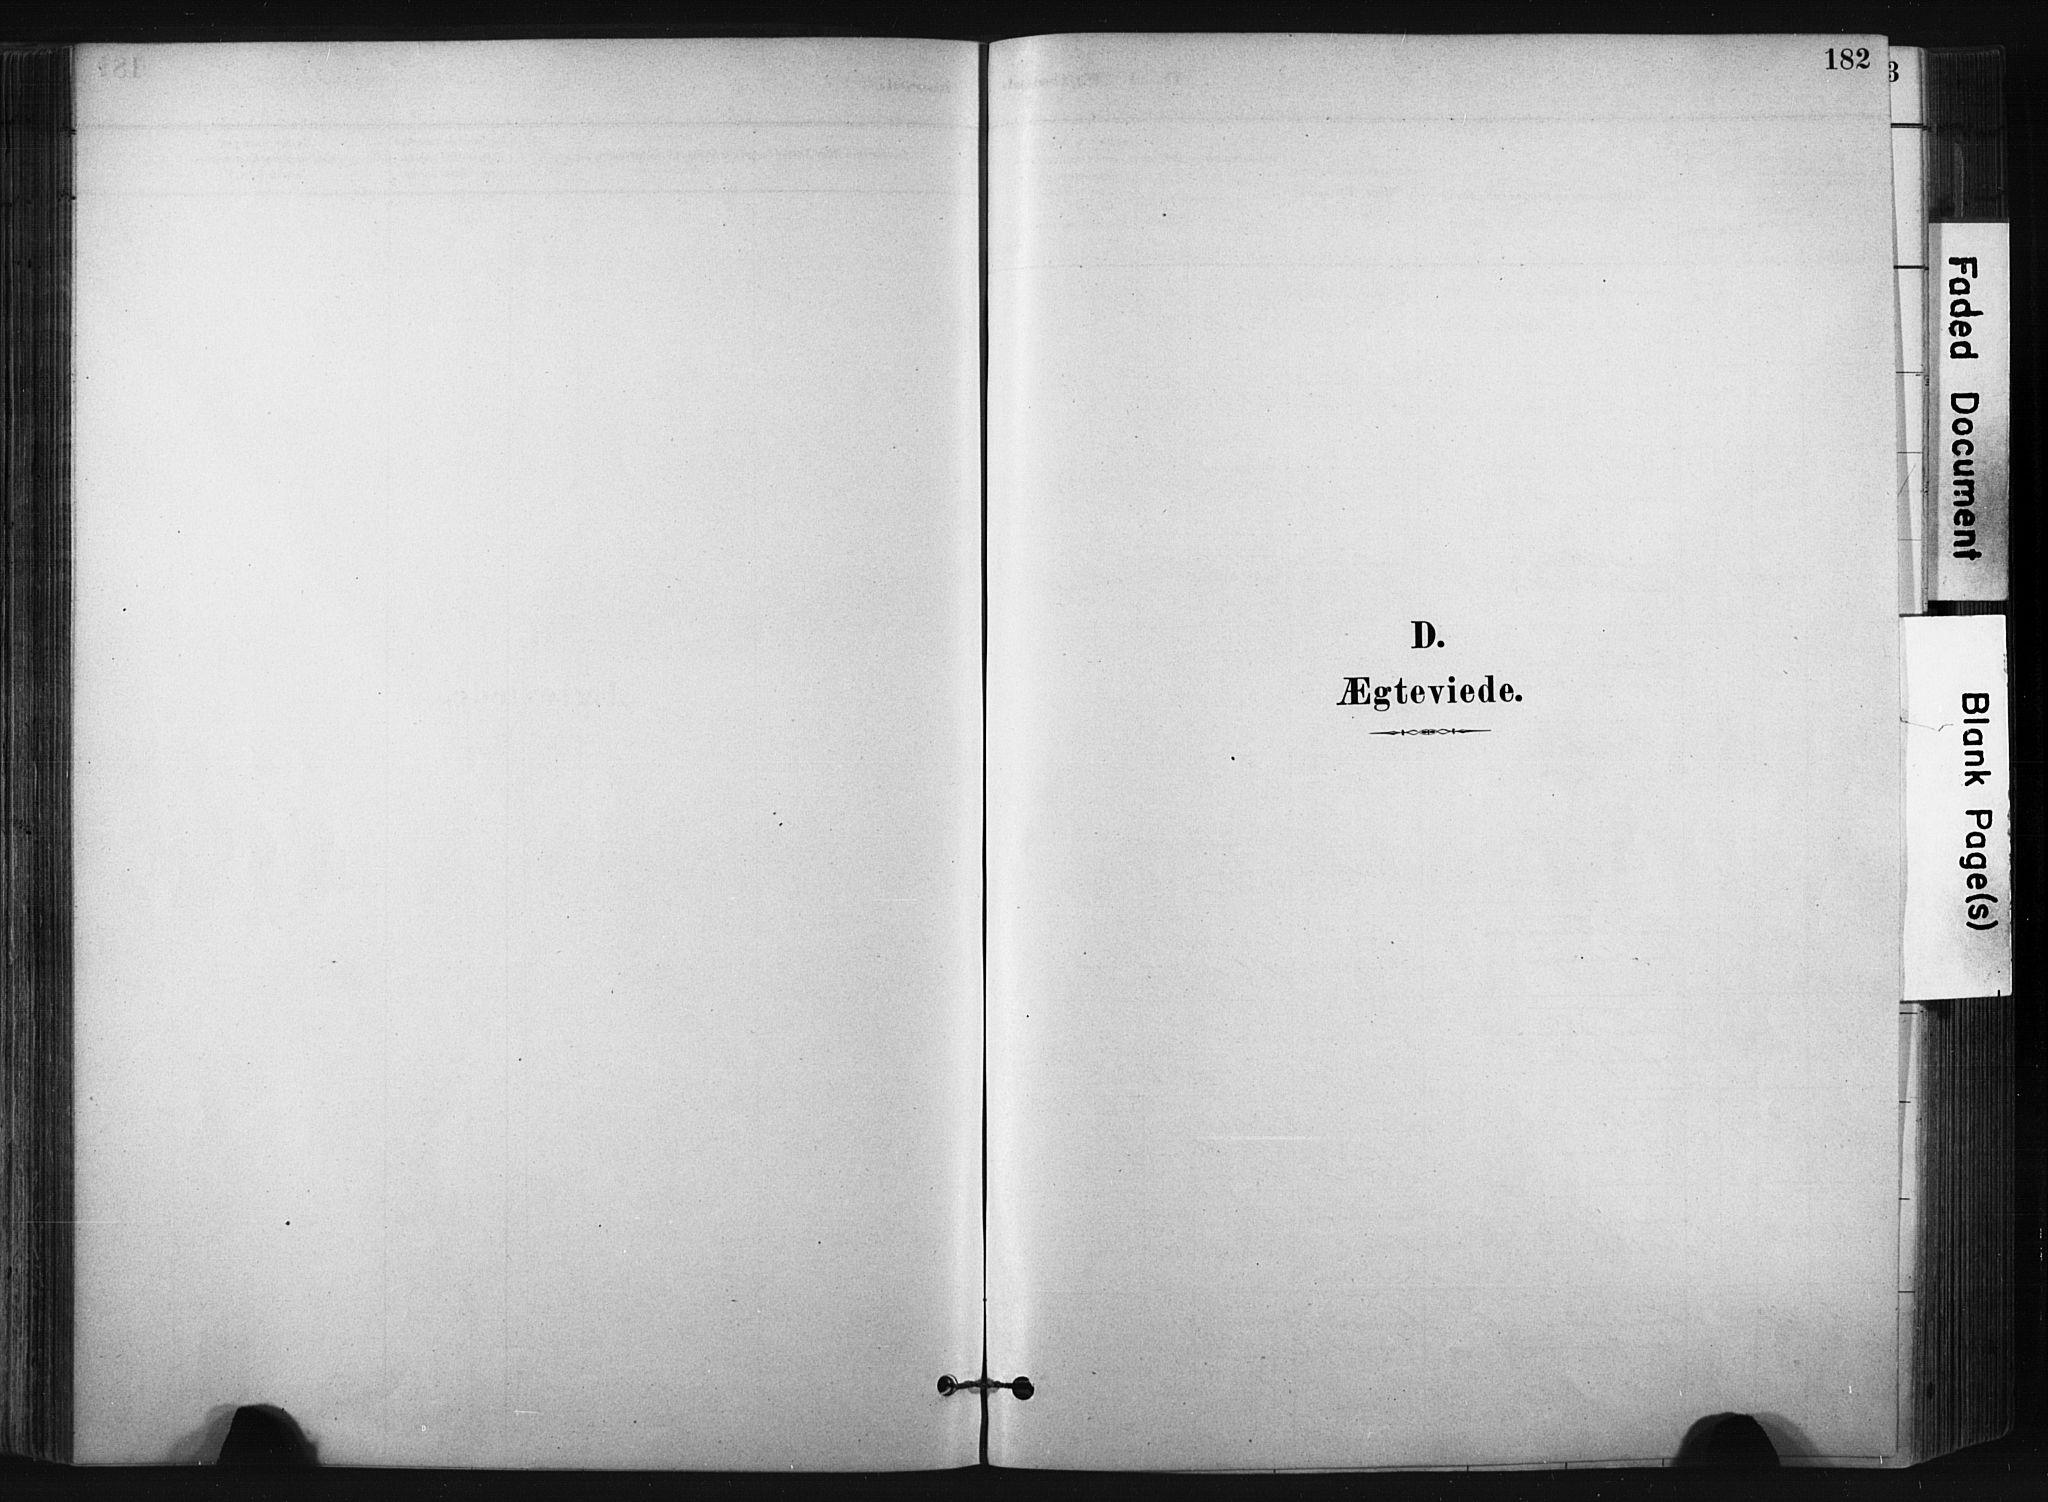 SAKO, Bø kirkebøker, F/Fa/L0010: Ministerialbok nr. 10, 1880-1892, s. 182